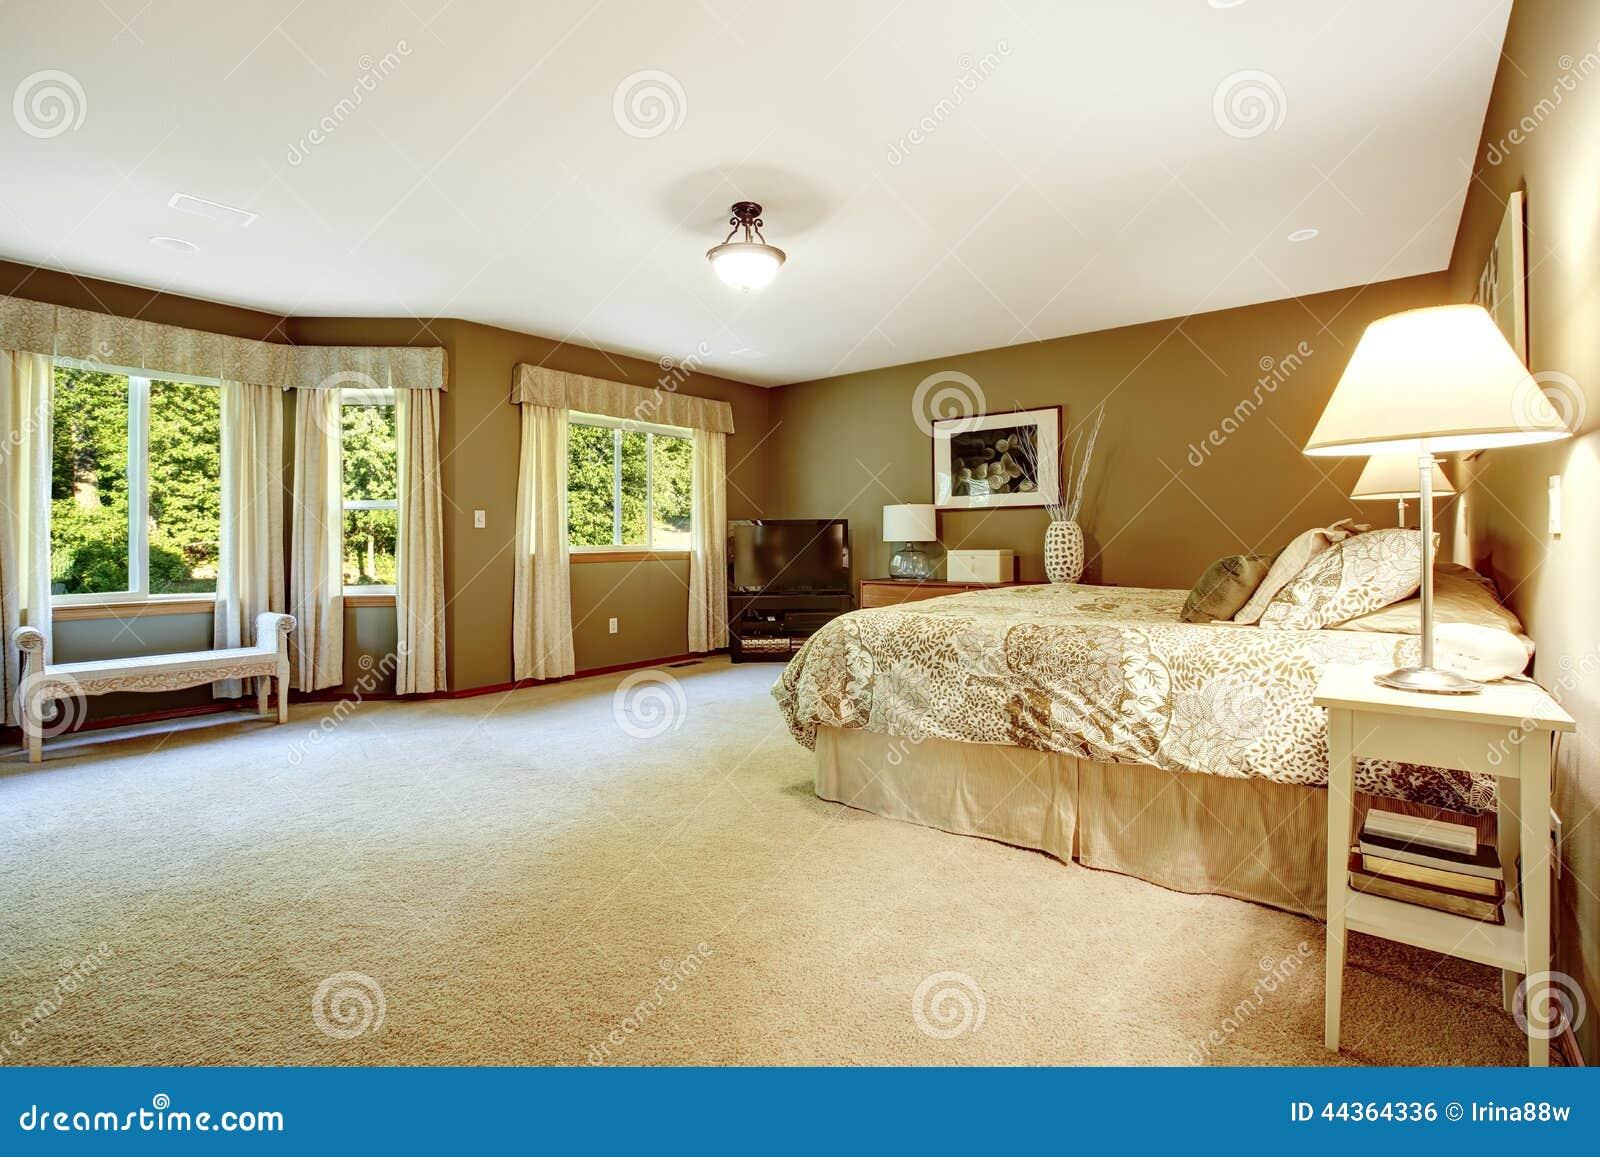 Pareti Camera Da Letto Color Avorio : Camera da letto calda spaziosa con le pareti marroni fotografia